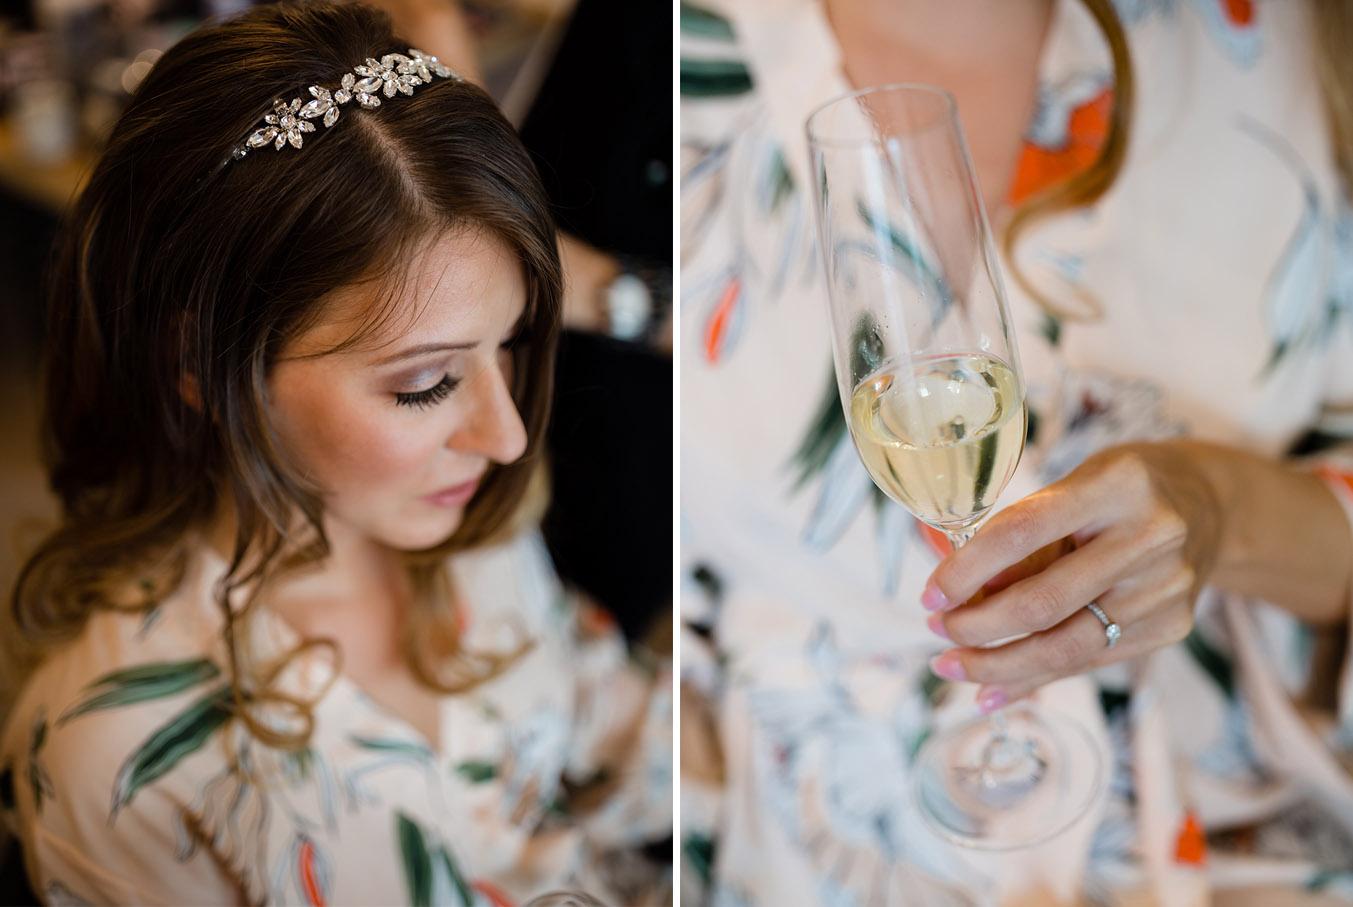 Vienna_Wien_Atzenbrugg_Hochzeit_Paar_Verlobung_Engagement_13